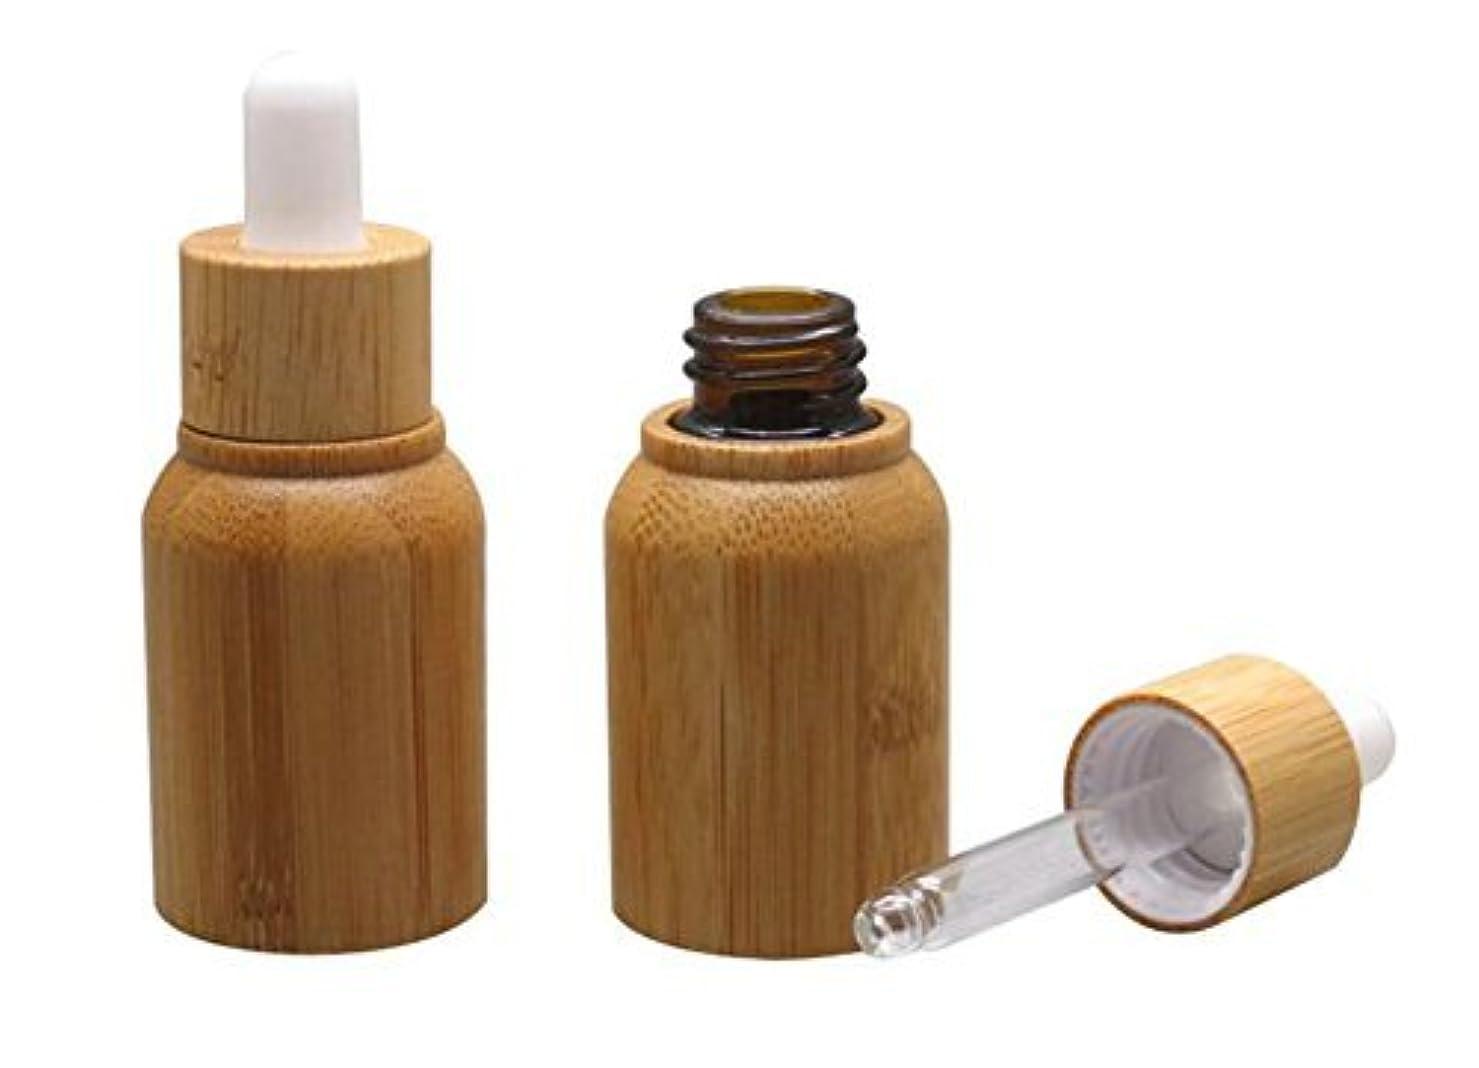 ステレオタイプホバート好きである1PCS 10ML 10G Bamboo Glass Eye Dropper Bottle with Pipettes Cosmetic Sample Container Bottles for Essential Oil...